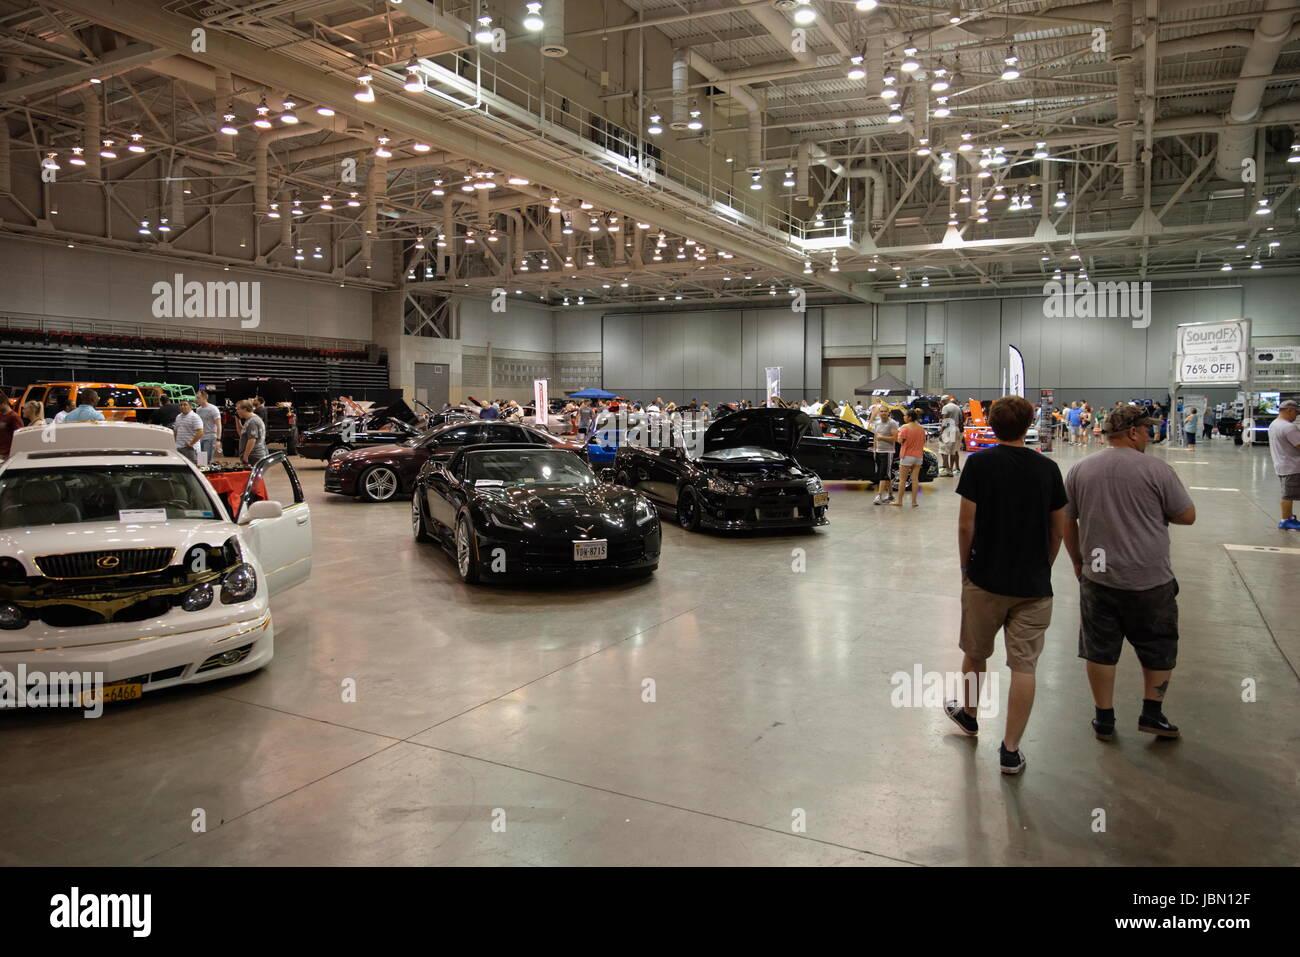 Ocean City Maryland Car Show Stock Photo Alamy - Ocean city car show